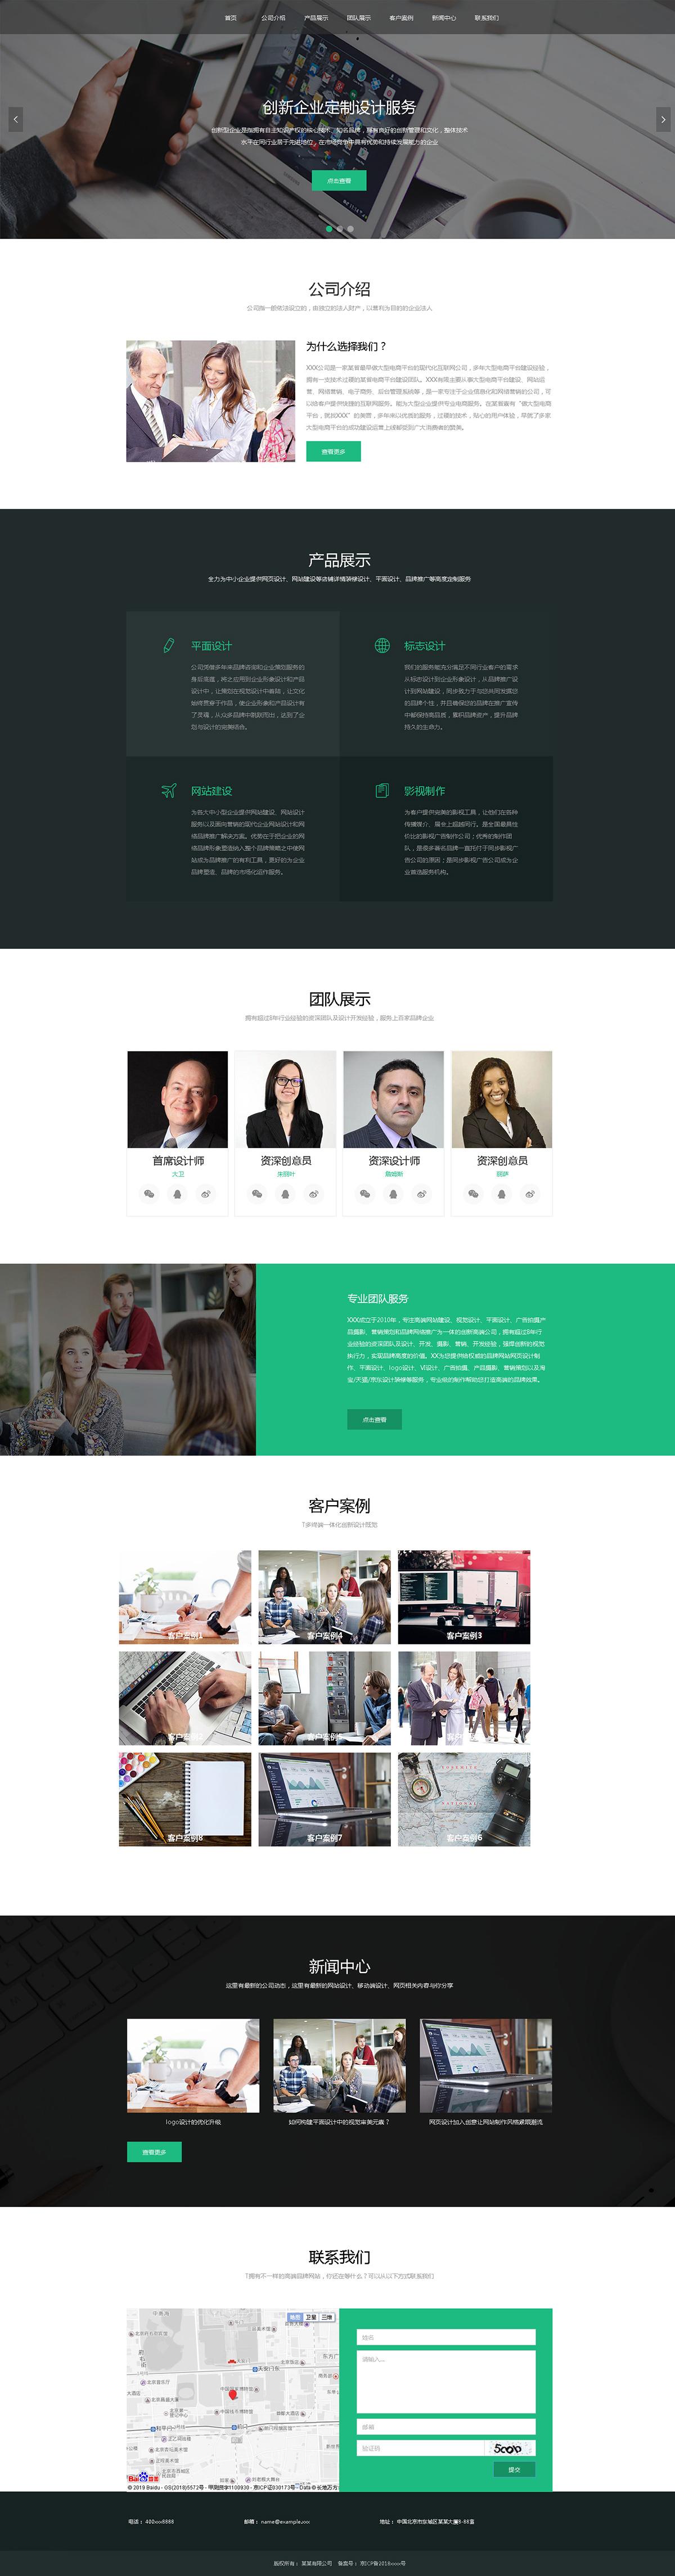 设计行业网站案例UI